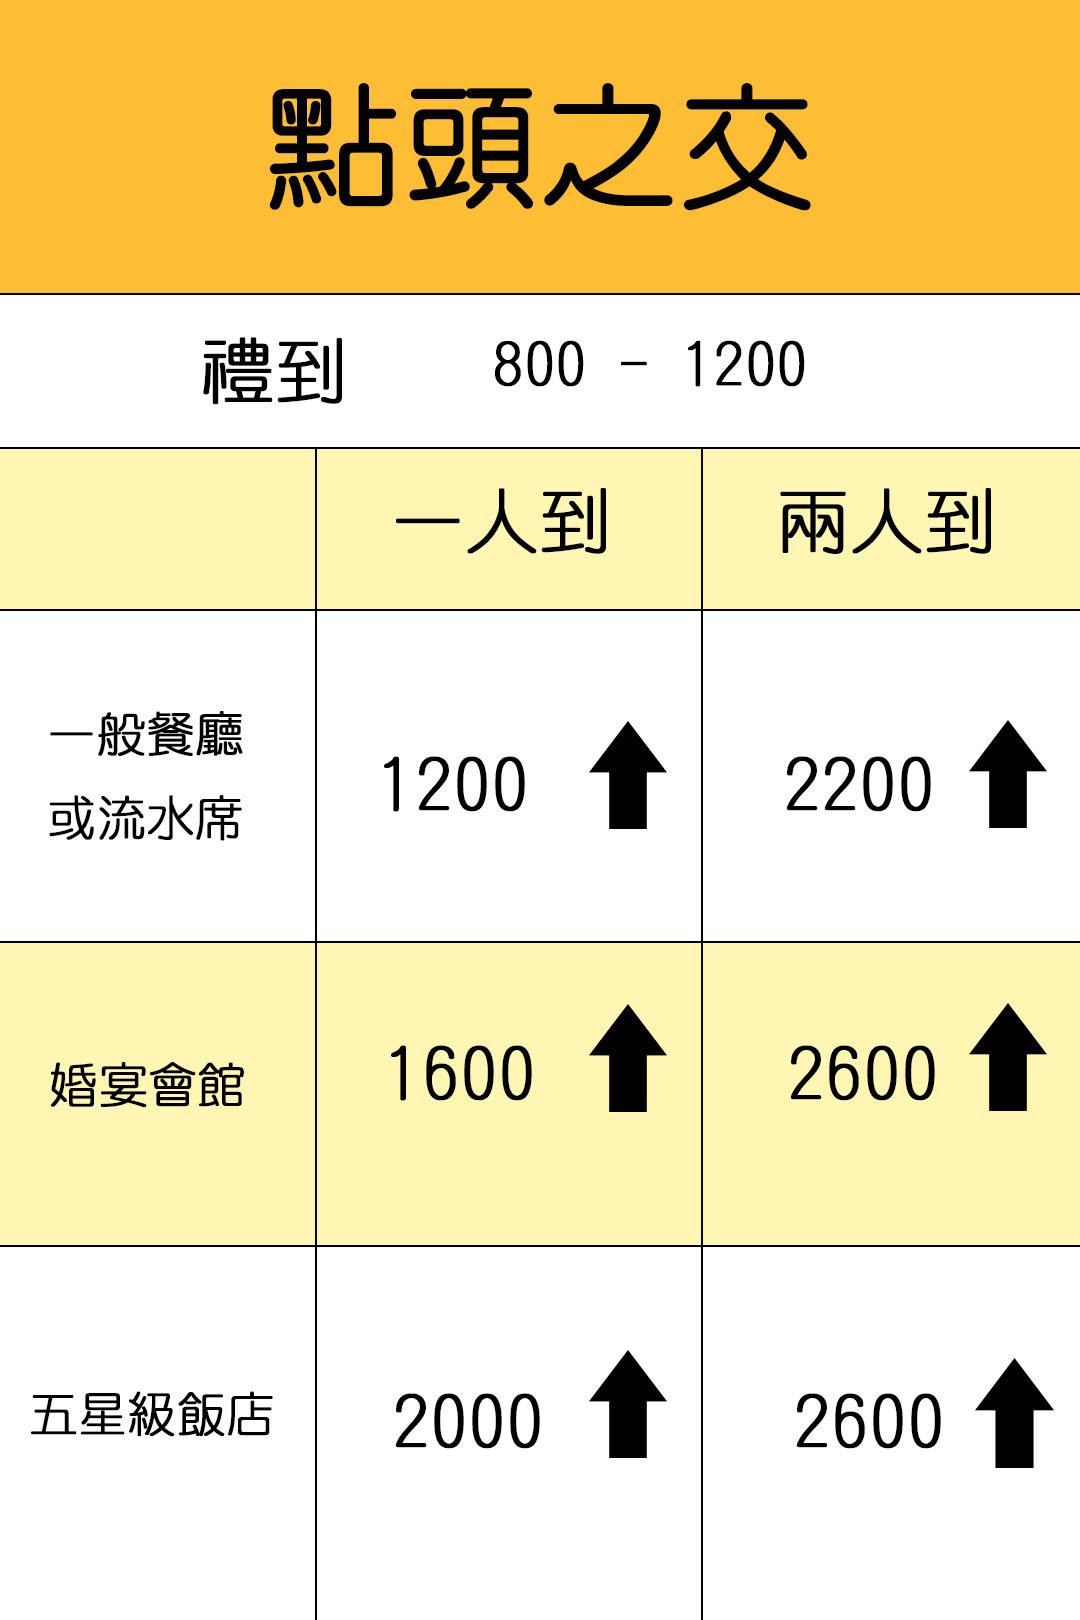 點頭之交: 禮到800起,流水席和一般餐廳1200起, 婚宴會館1600起, 五星飯店 2000起